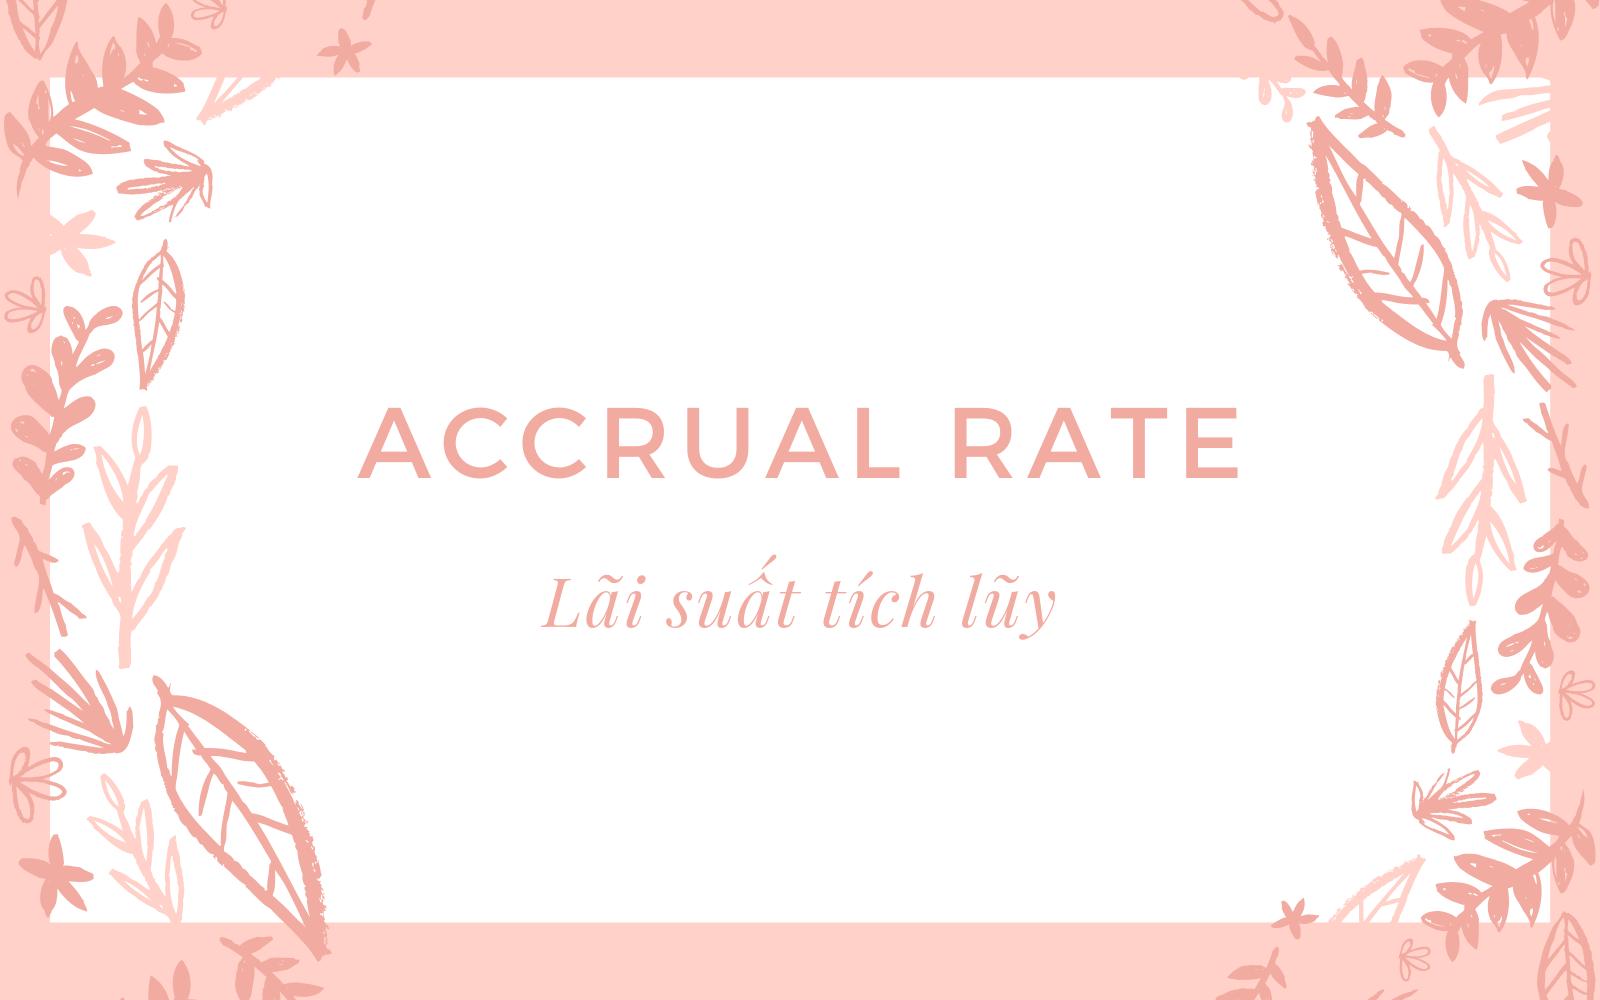 Lãi suất tích lũy (Accrual Rate) là gì? Cách thức hoạt động của Lãi suất tích lũy - Ảnh 1.